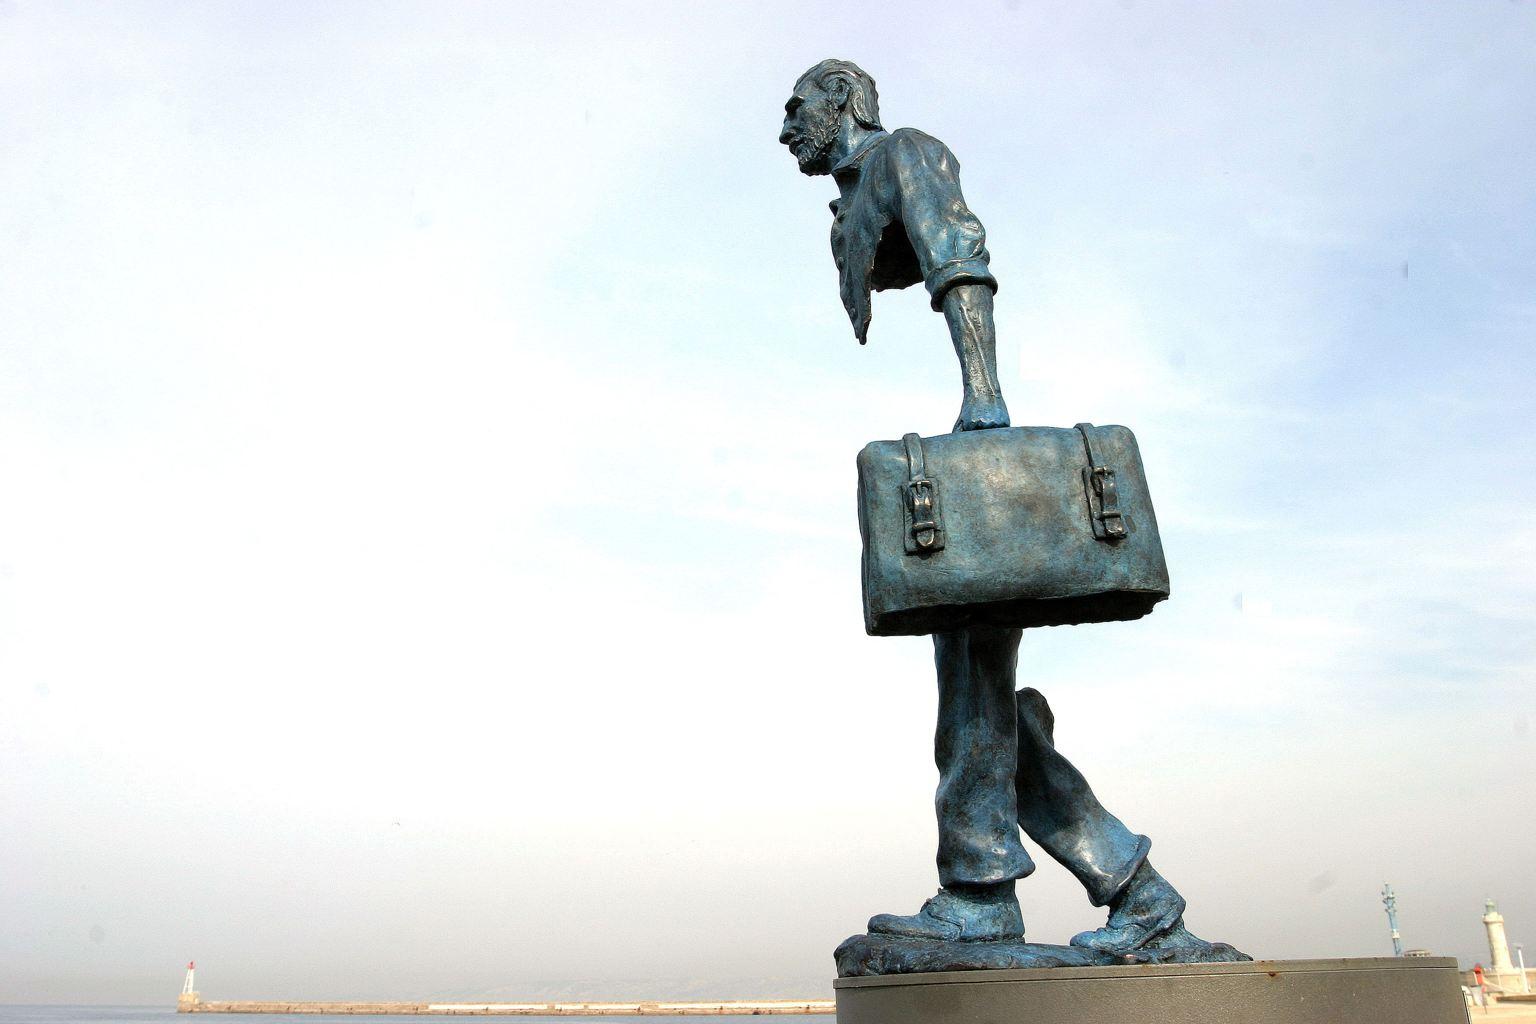 法國藝術家 Bruno Catalano 創造了名為「旅客」的不完整雕像。